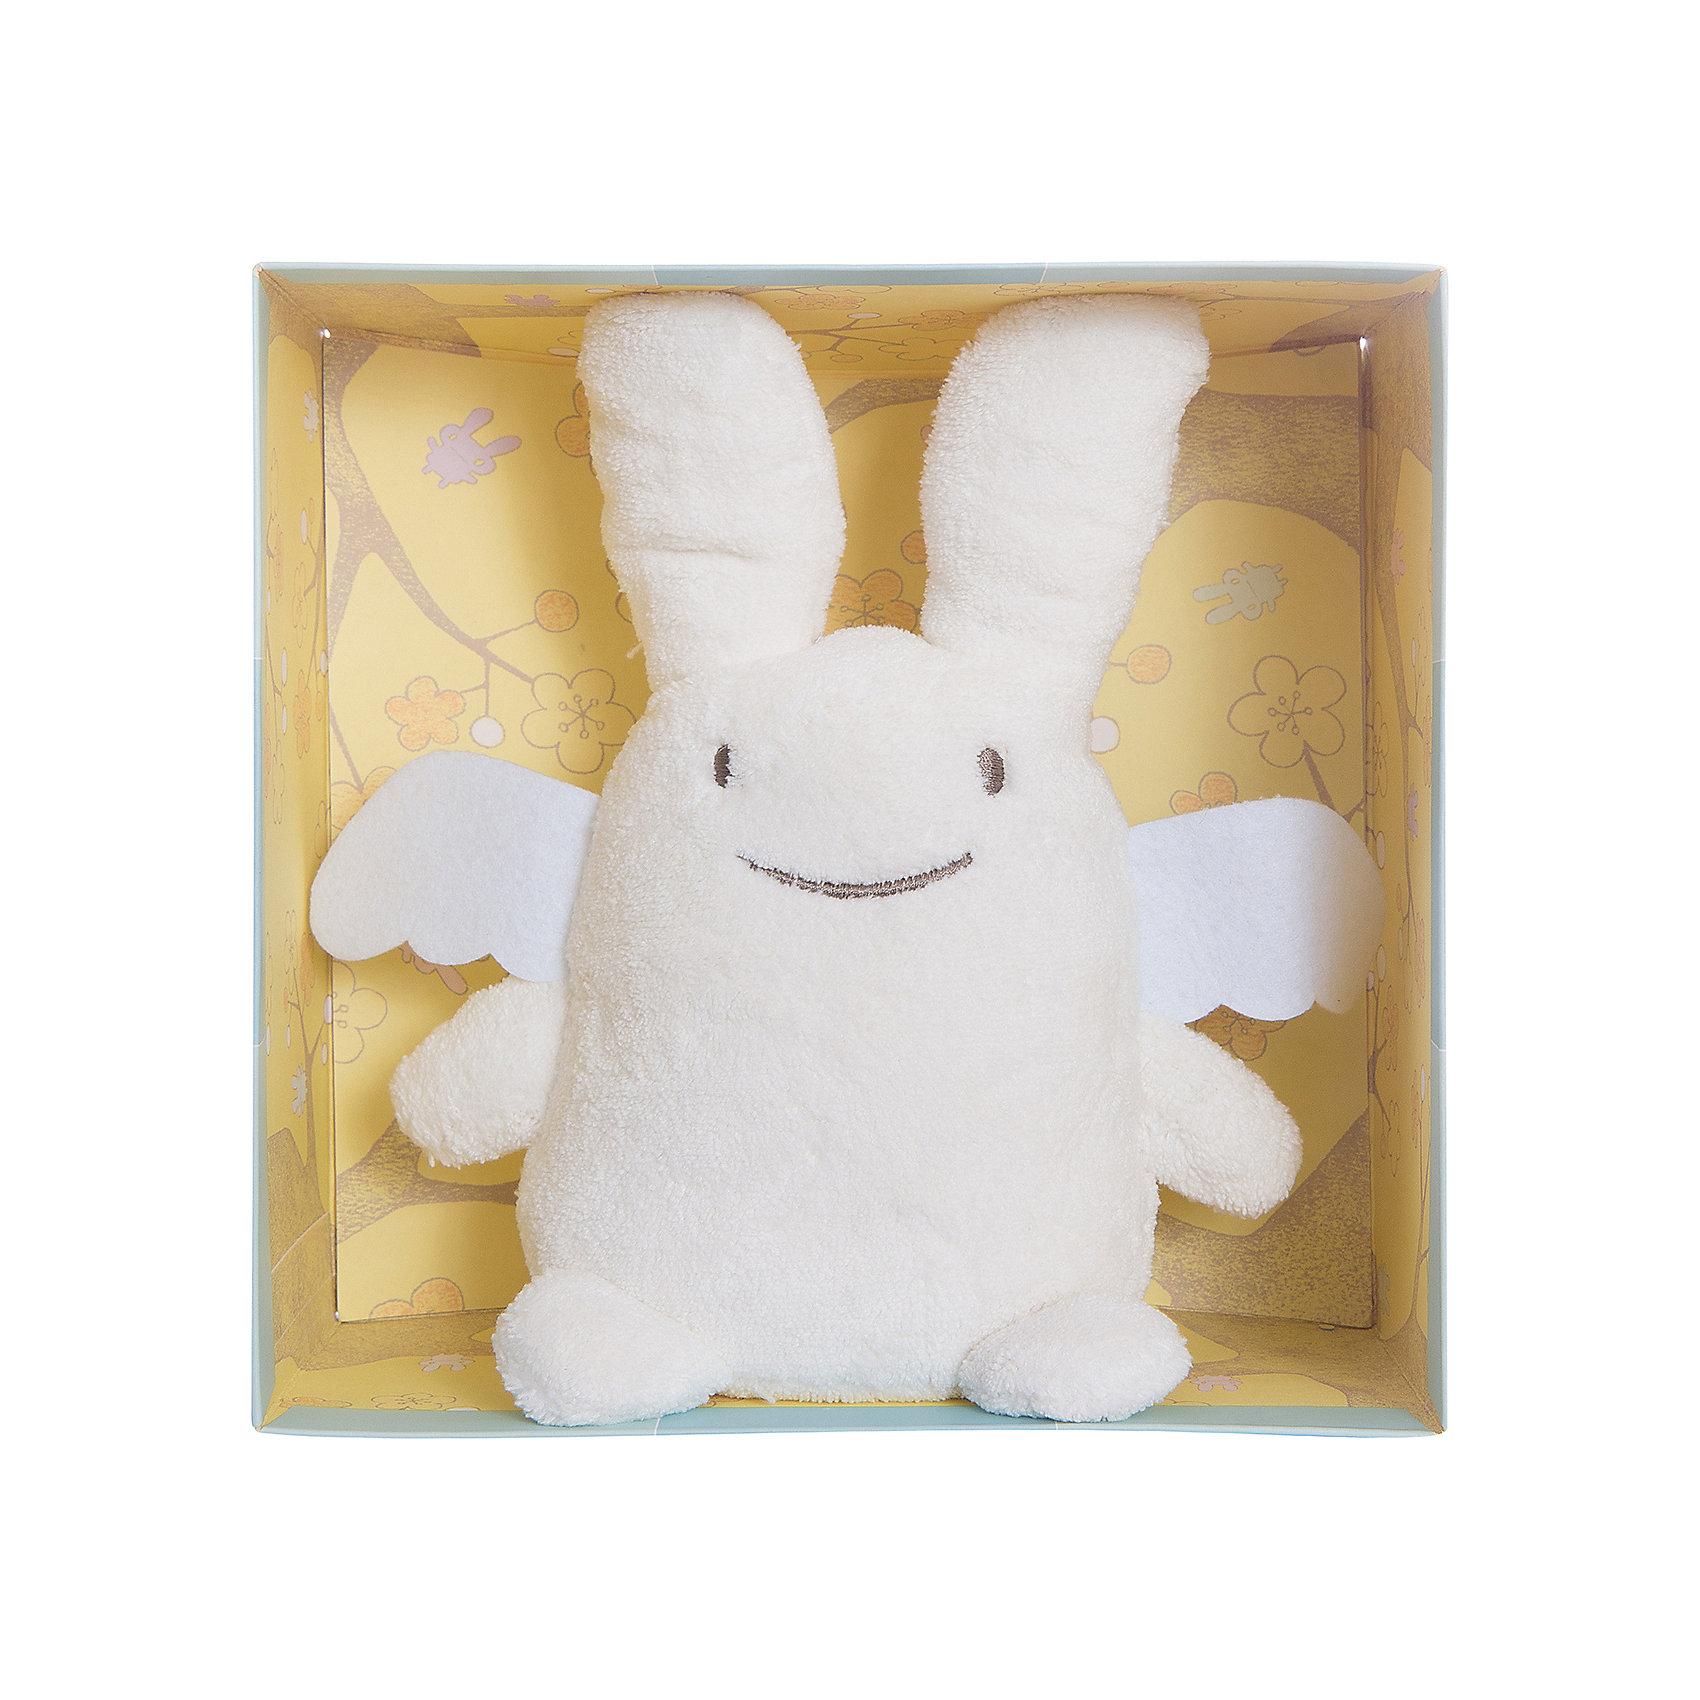 Мягкая игрушка Зайка с крылышками, музыкальный, 24см&#13;, TrousselierМягкие игрушки<br>Мягкая игрушка Зайка с крылышками, музыкальный, 24см, Trousselier<br><br>Характеристики:<br><br>• Размер: 24 см<br>• Материал: текстиль, полиэстер, хлопок<br>• Возраст: от 0 месяцев<br><br>Нежный бежевый зайка с милыми крылышками станет другом для вашего малыша. Натуральный материал не вызывает аллергию и полностью безопасен для нежной кожи. Малыш сможет спать с зайкой, с первых дней своей жизни. А если малышу трудно будет уснуть, зайка споет ему нежную песенку.<br><br>Мягкая игрушка Зайка с крылышками, музыкальный, 24см, Trousselier можно купить в нашем интернет-магазине.<br><br>Ширина мм: 190<br>Глубина мм: 190<br>Высота мм: 90<br>Вес г: 290<br>Возраст от месяцев: -2147483648<br>Возраст до месяцев: 2147483647<br>Пол: Унисекс<br>Возраст: Детский<br>SKU: 4964809